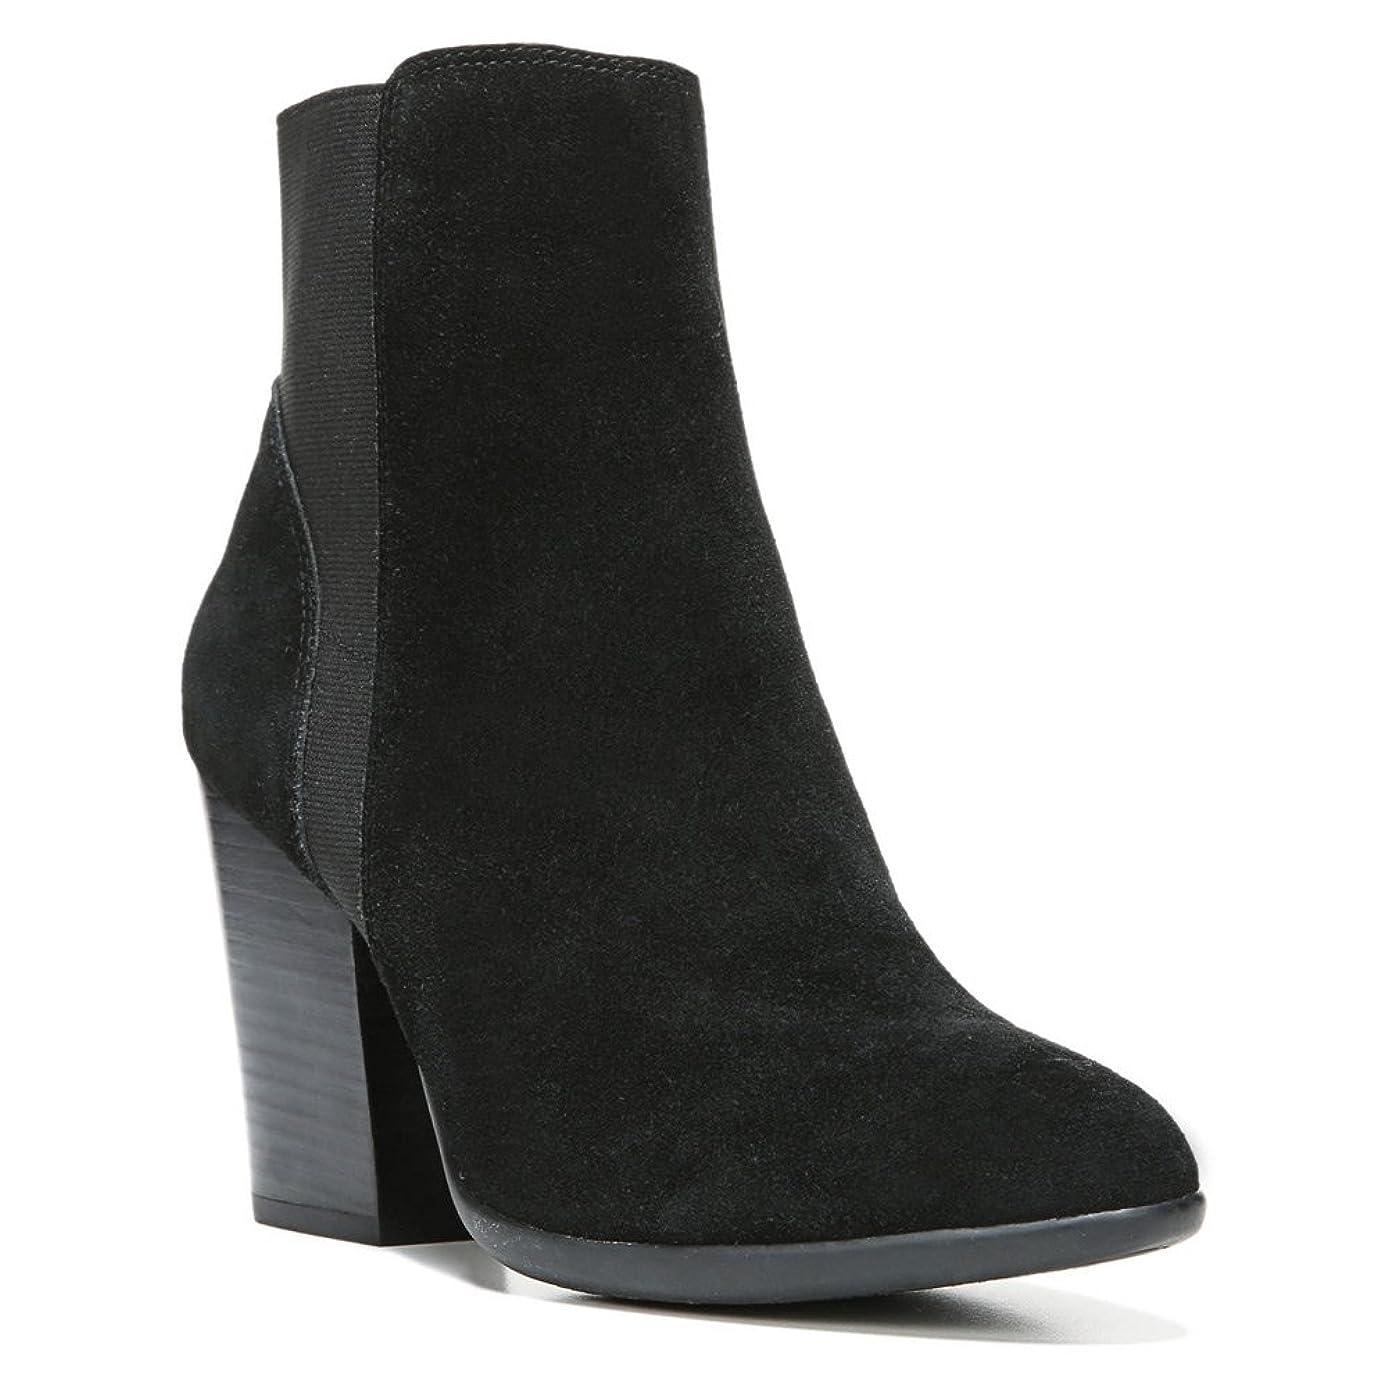 品種ベリー拾う[Carlos by Carlos Santana] Womens Encore Leather Closed Toe Ankle Fashion Boots [並行輸入品]